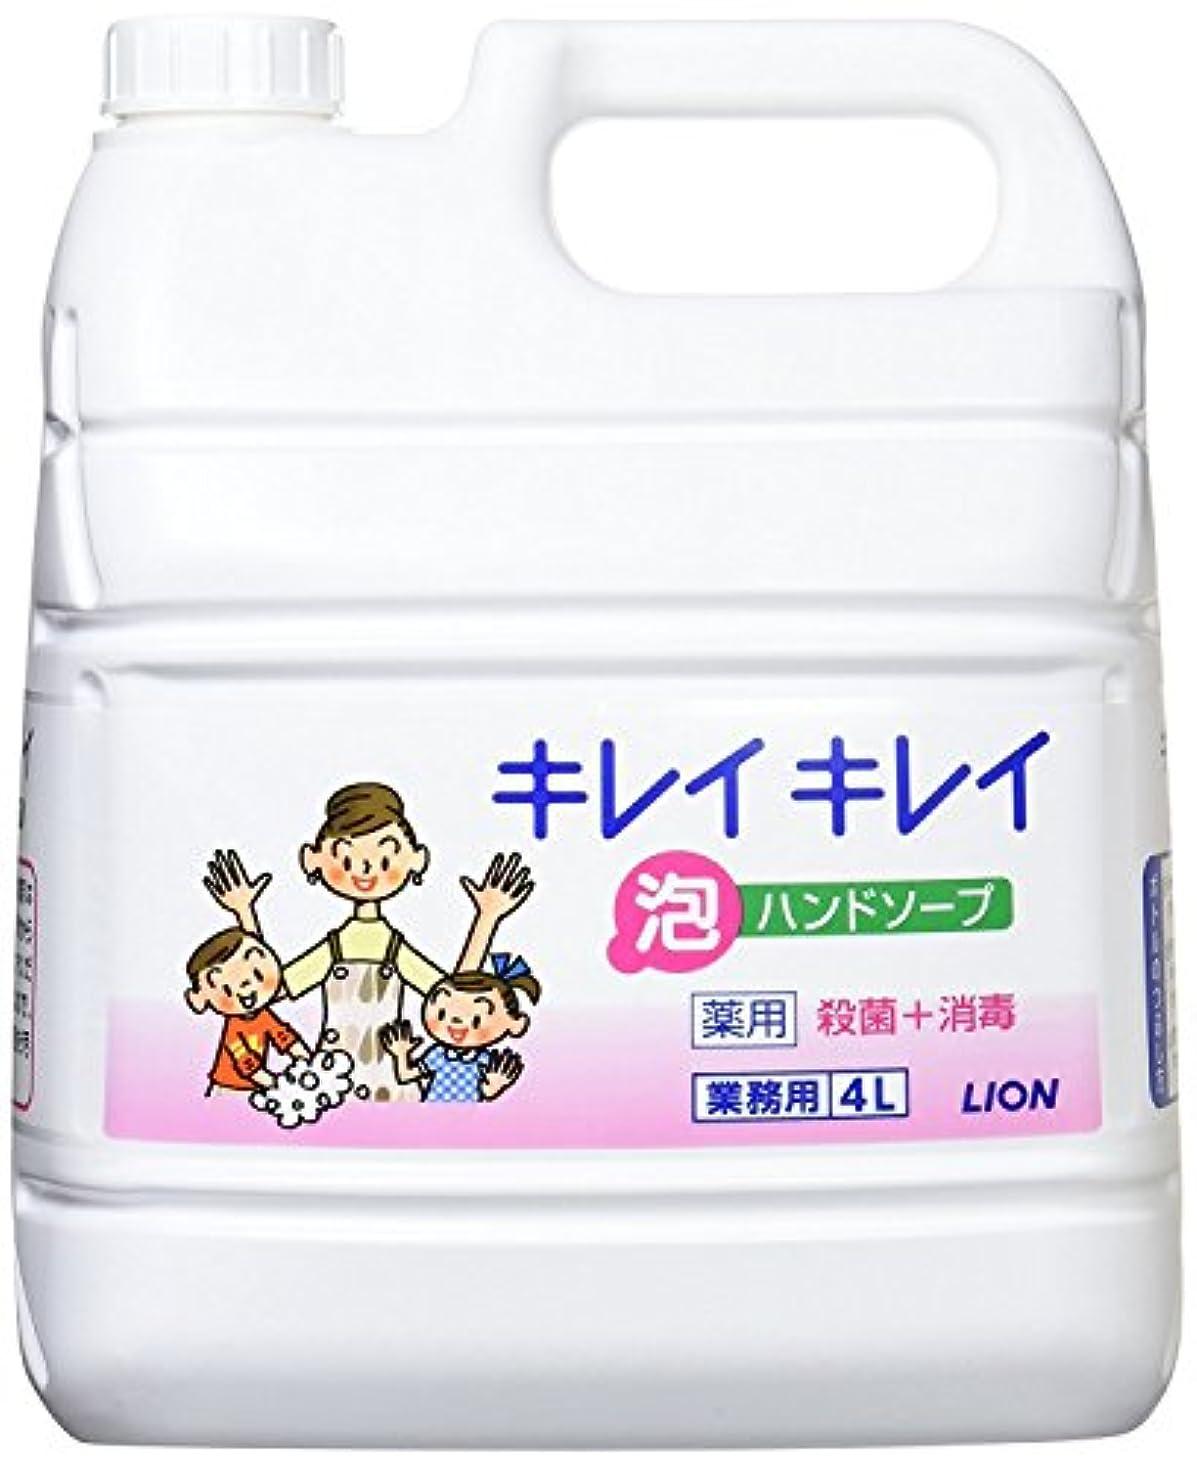 メトロポリタンゲインセイドナウ川キレイキレイ薬用泡ハンドソープ4L